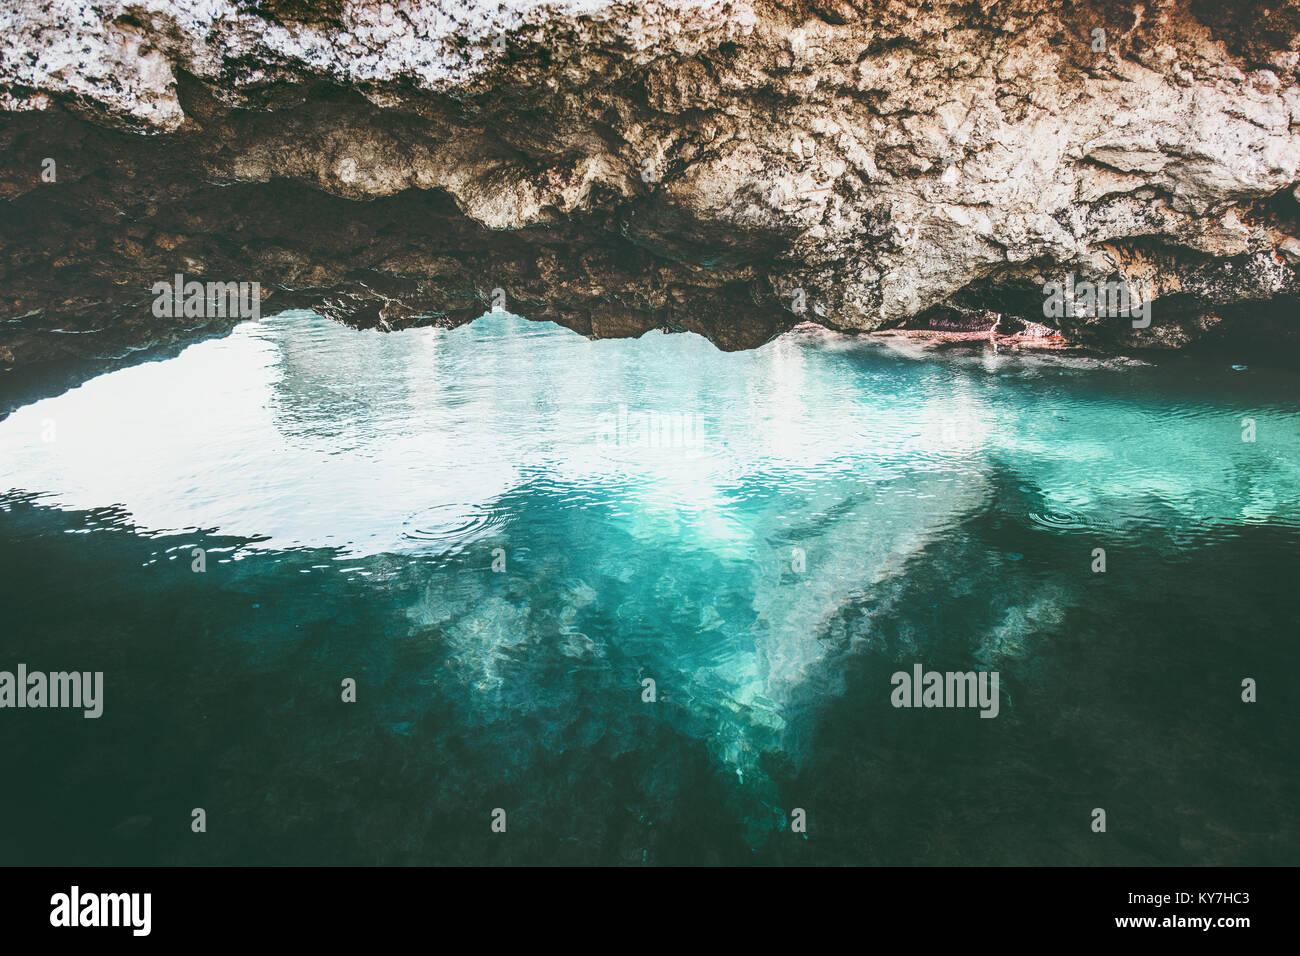 Mer bleue et calme paysage grotte rocheuse et la tranquillité vue panoramique vacances voyage tropical island Photo Stock